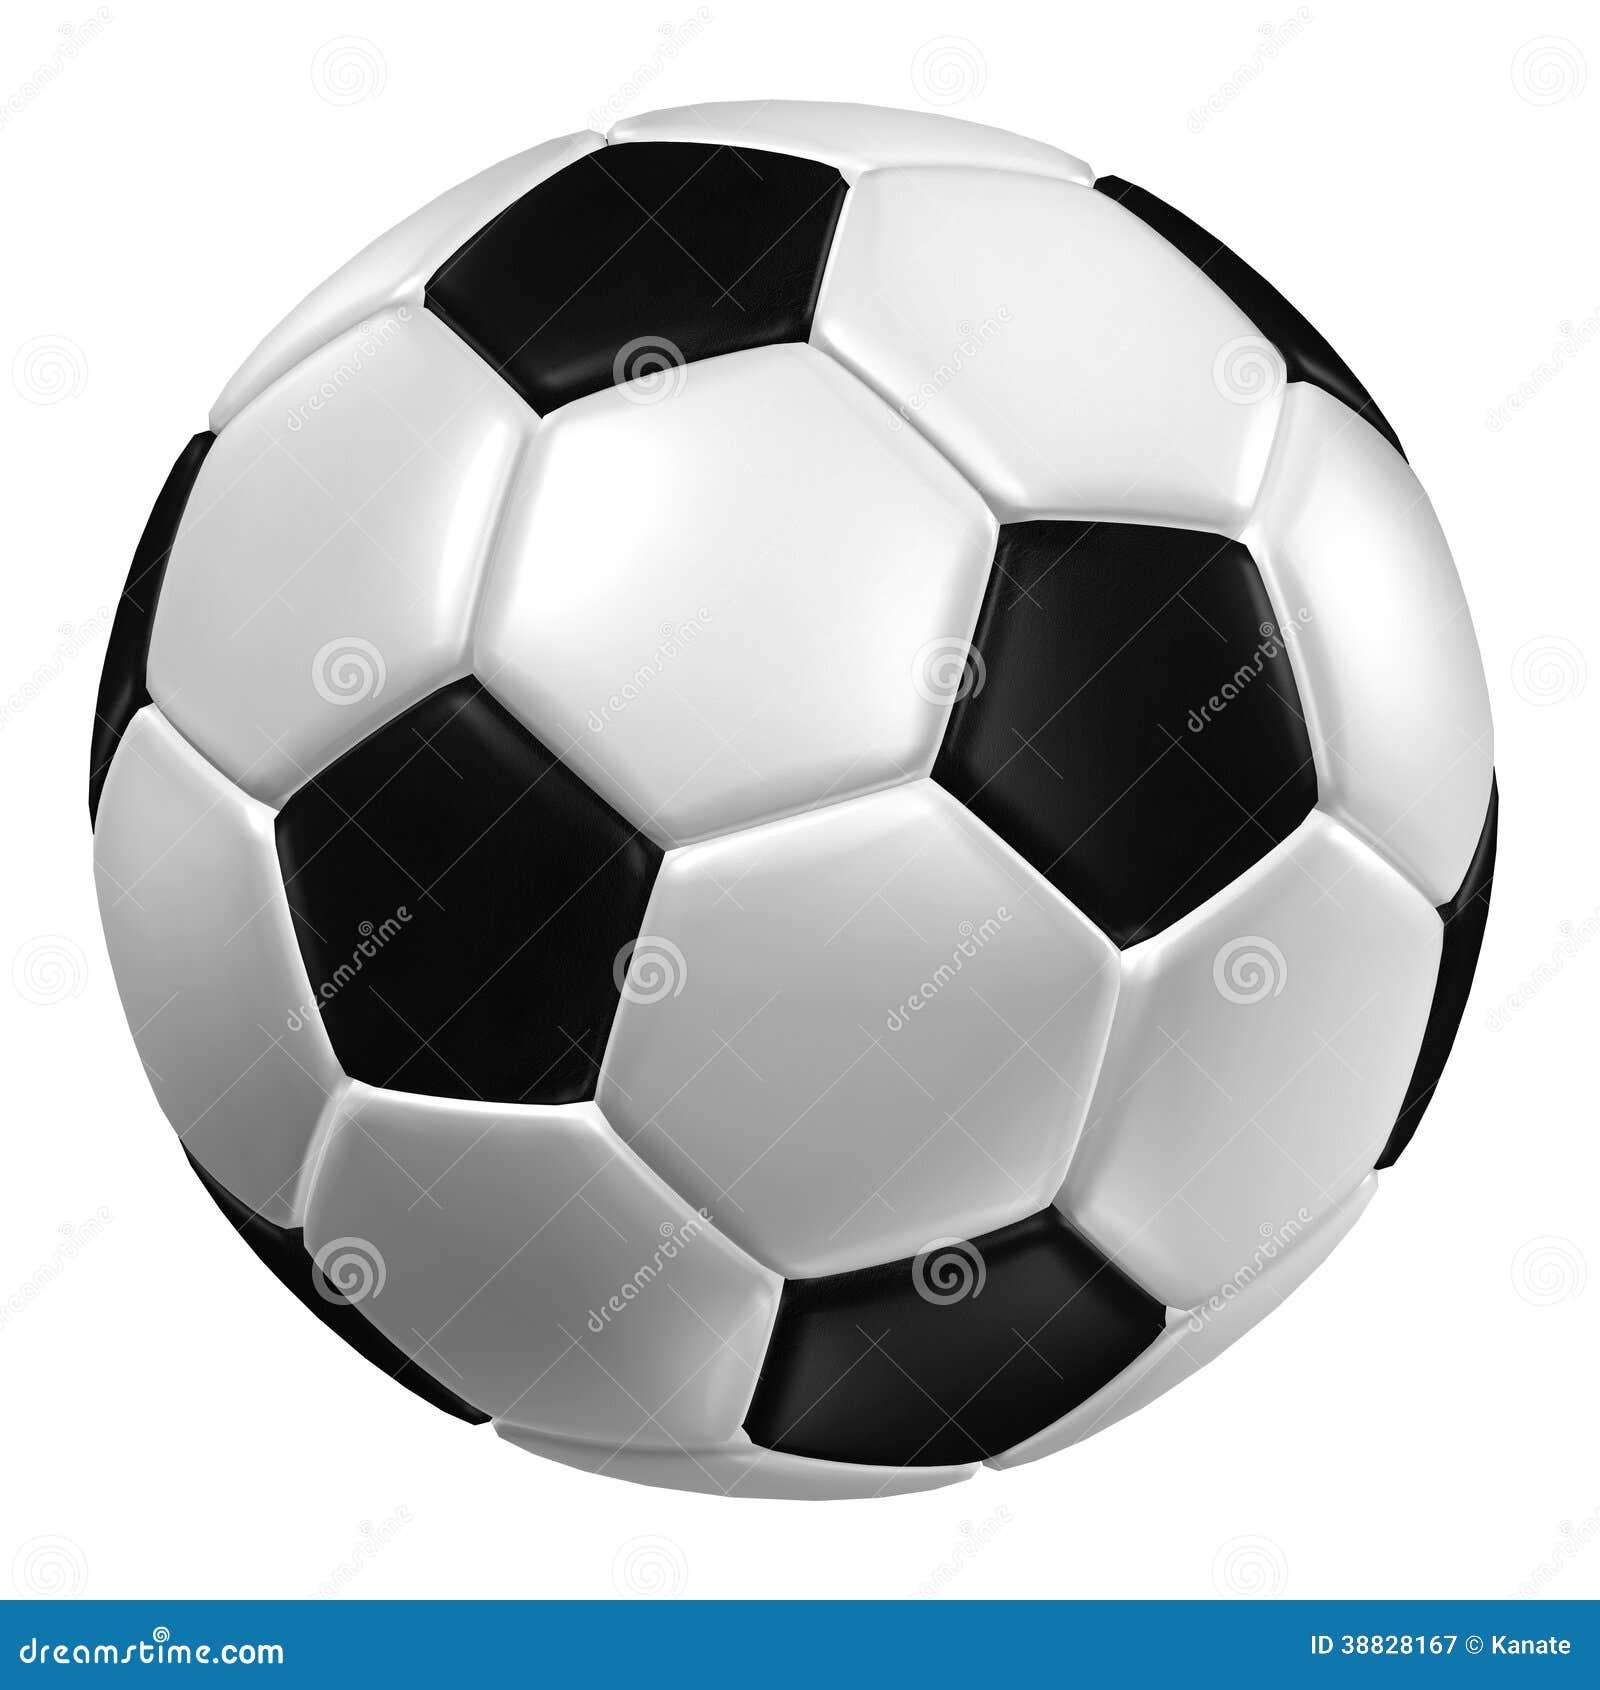 Rappresentazione 3d Di Un Pallone Da Calcio. (Struttura Di Cuoio ...